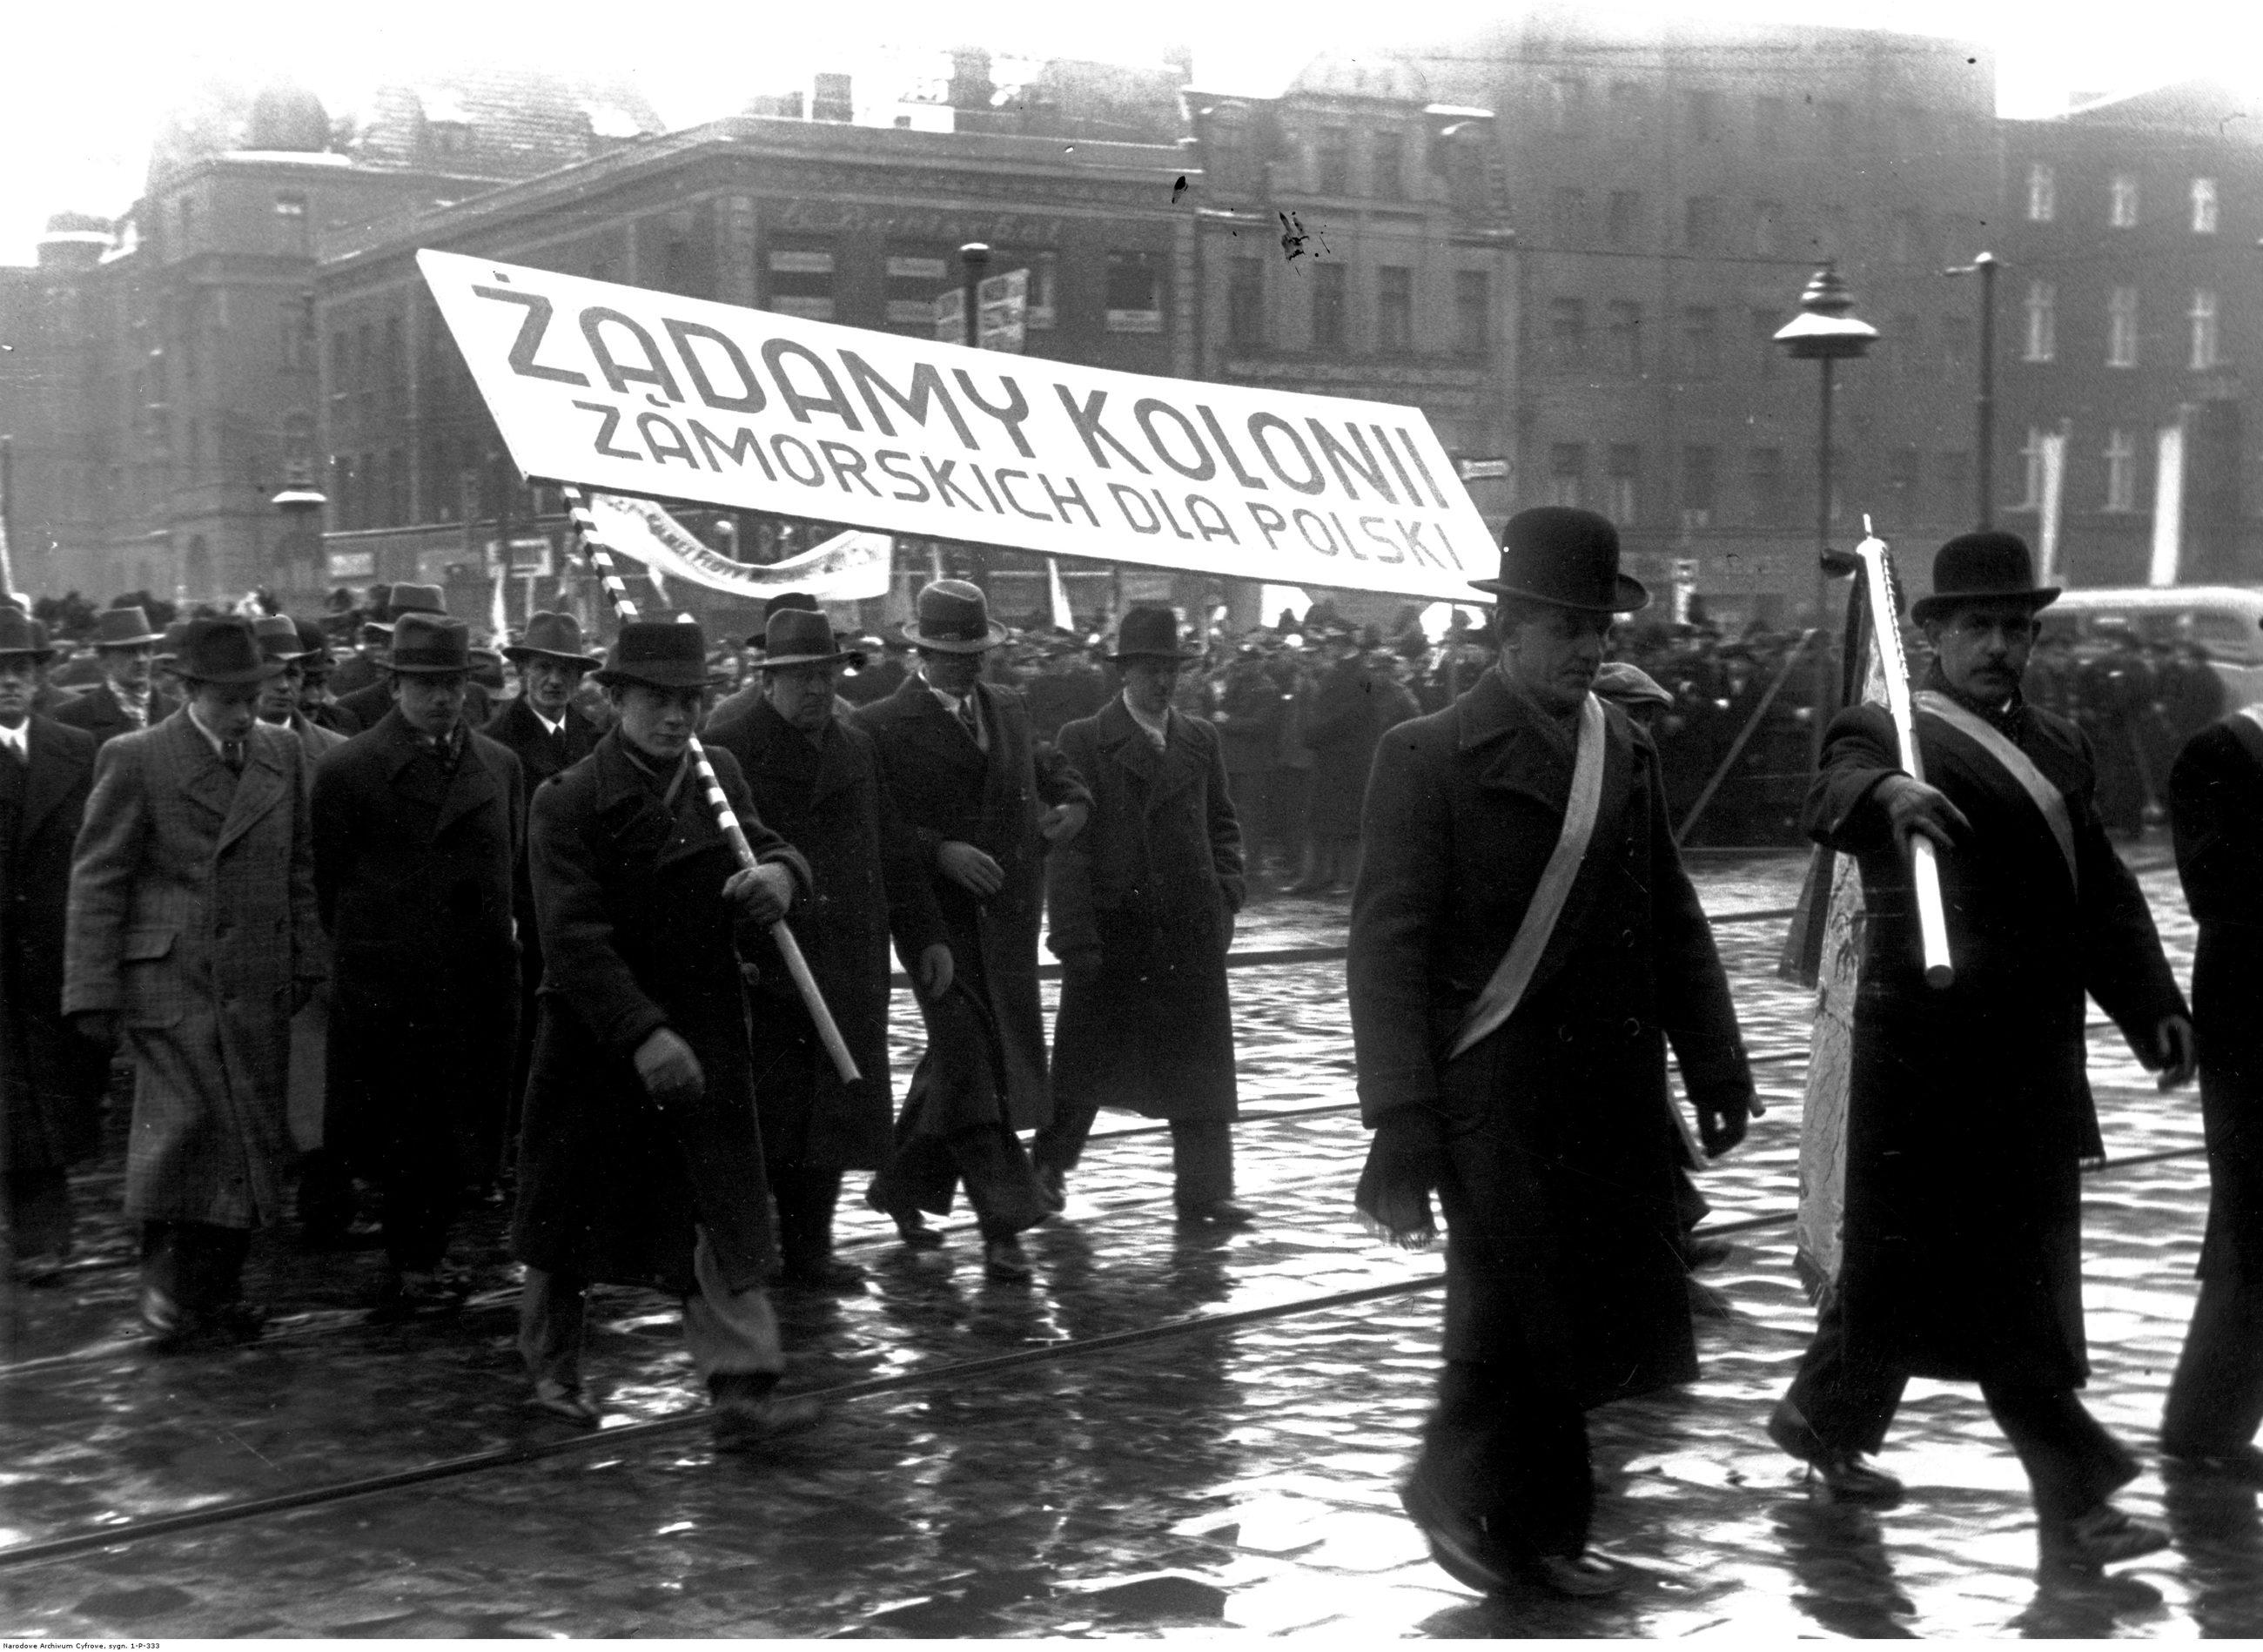 Демонстрация с требованием колоний для Польши